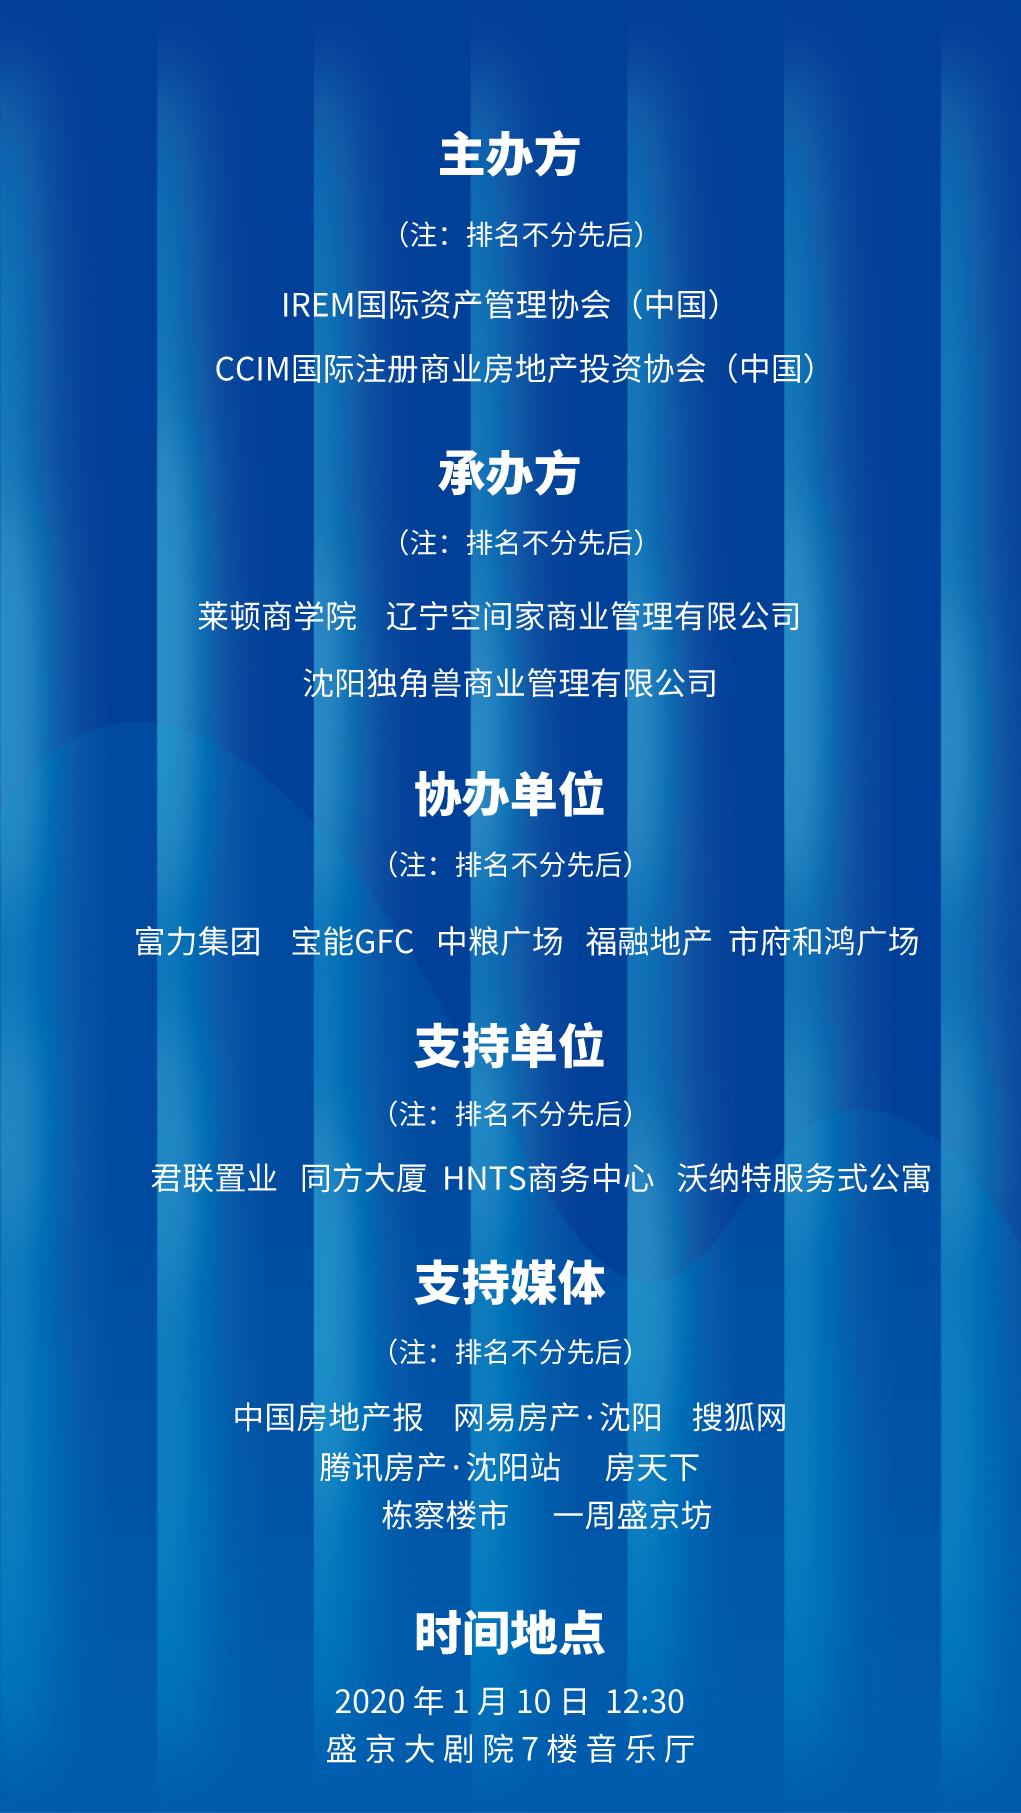 """2020東北亞商業不動産峰會——""""二零新十年·盛京新商機""""圓滿落幕-中國網地産"""